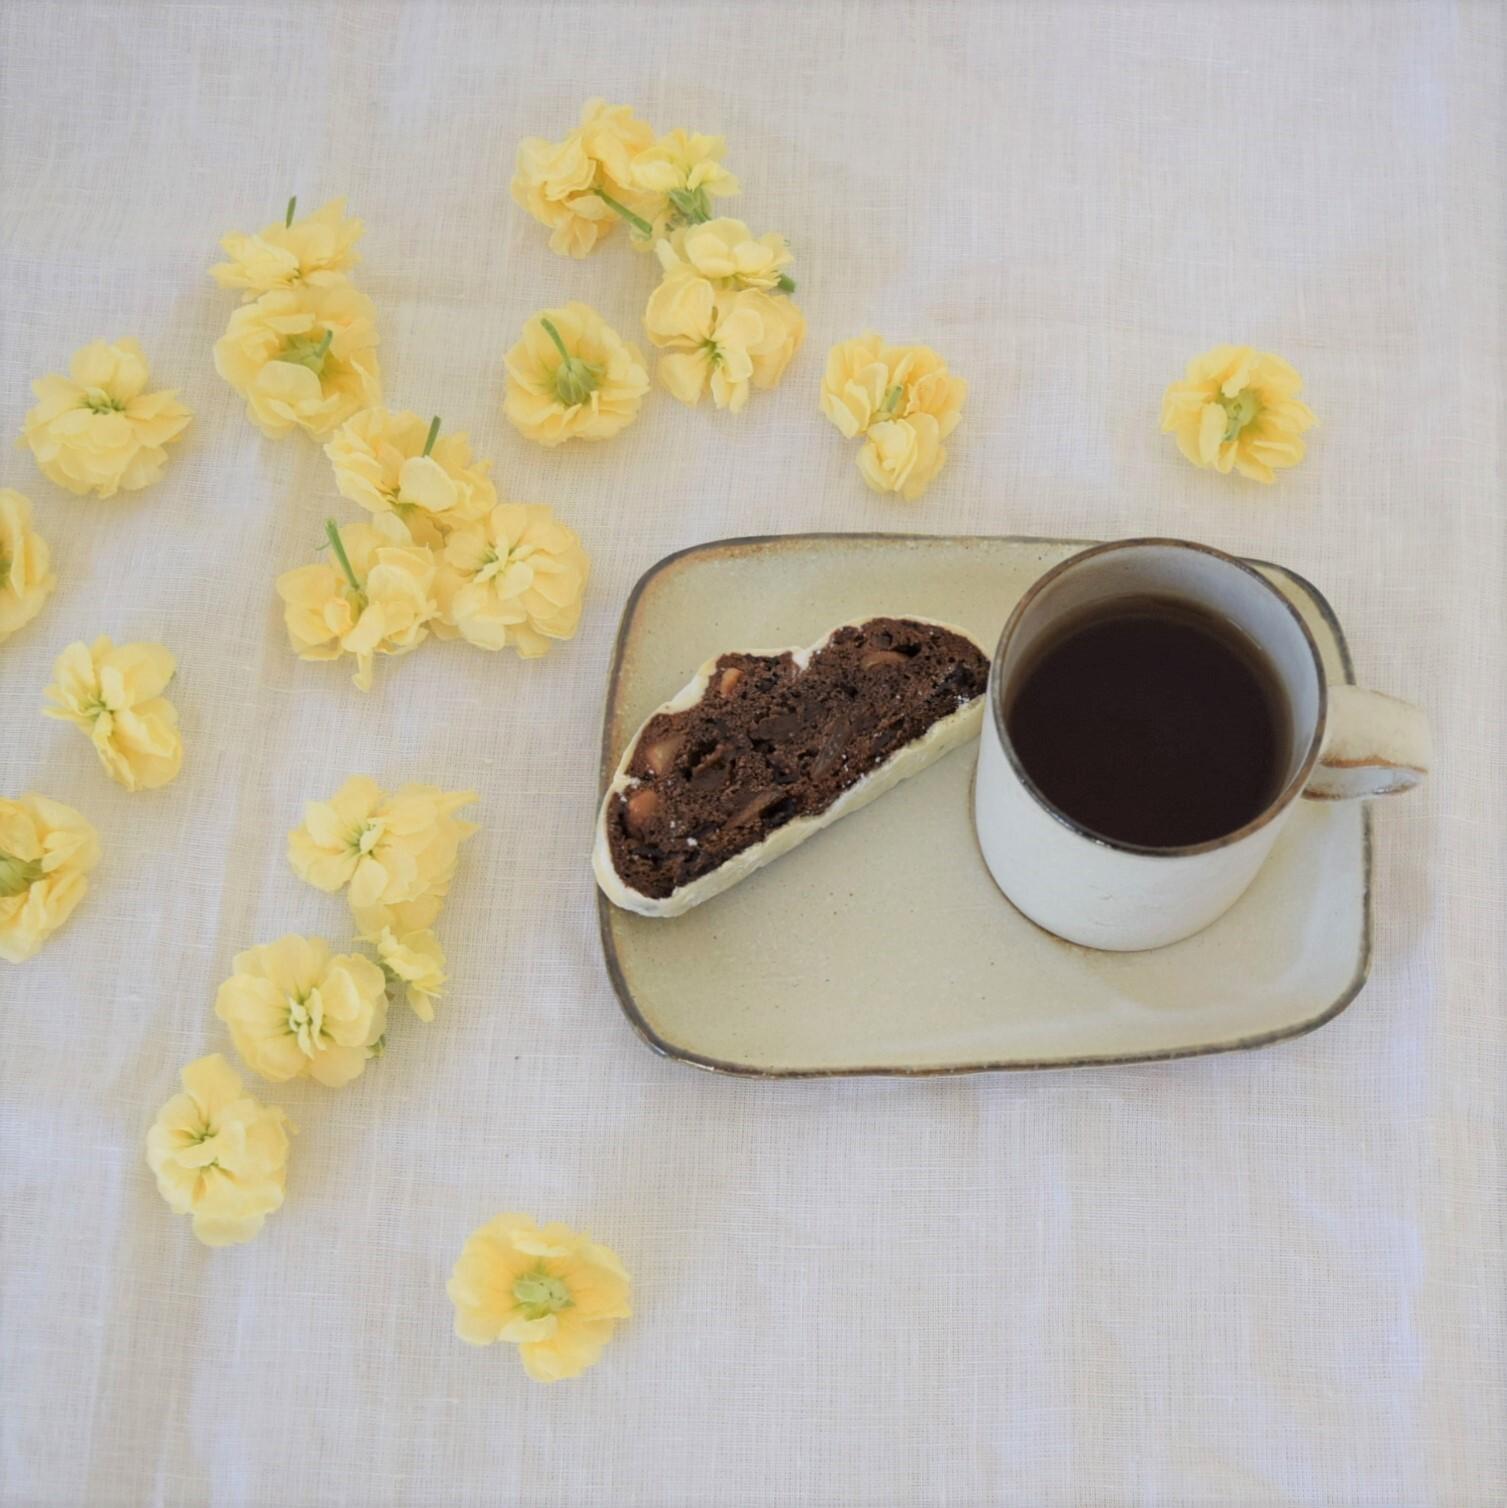 【studio m'】お茶とおやつ皿のスペシャルセット_B